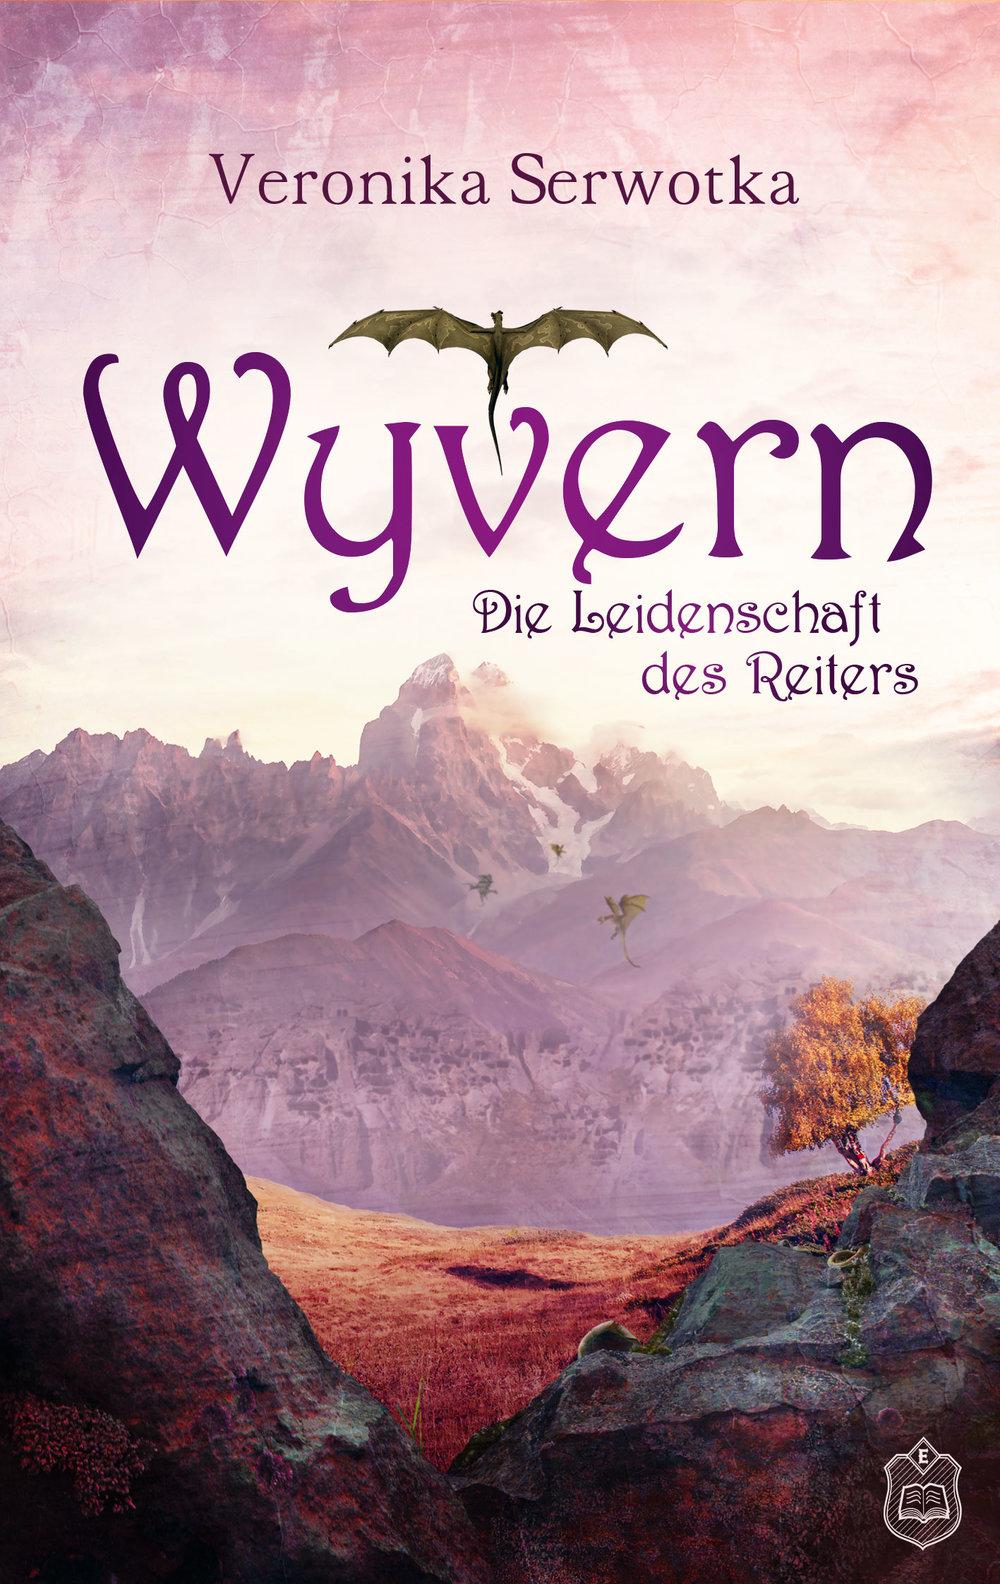 Carver_Veronika_Wyvern_Die_Leidenschaft_des_Reiters_Phantastik-Autoren-Netzwerk.jpg